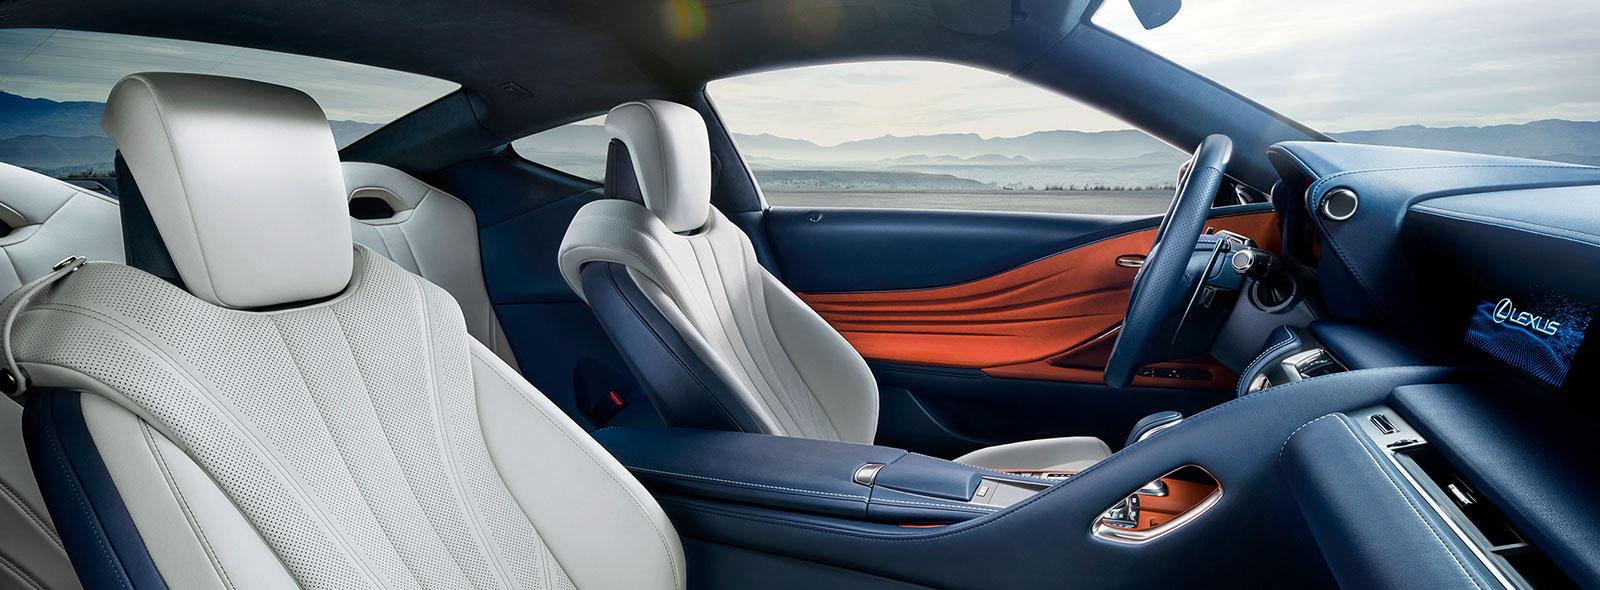 2017 Lexus LC 500h Interior Gallery 001